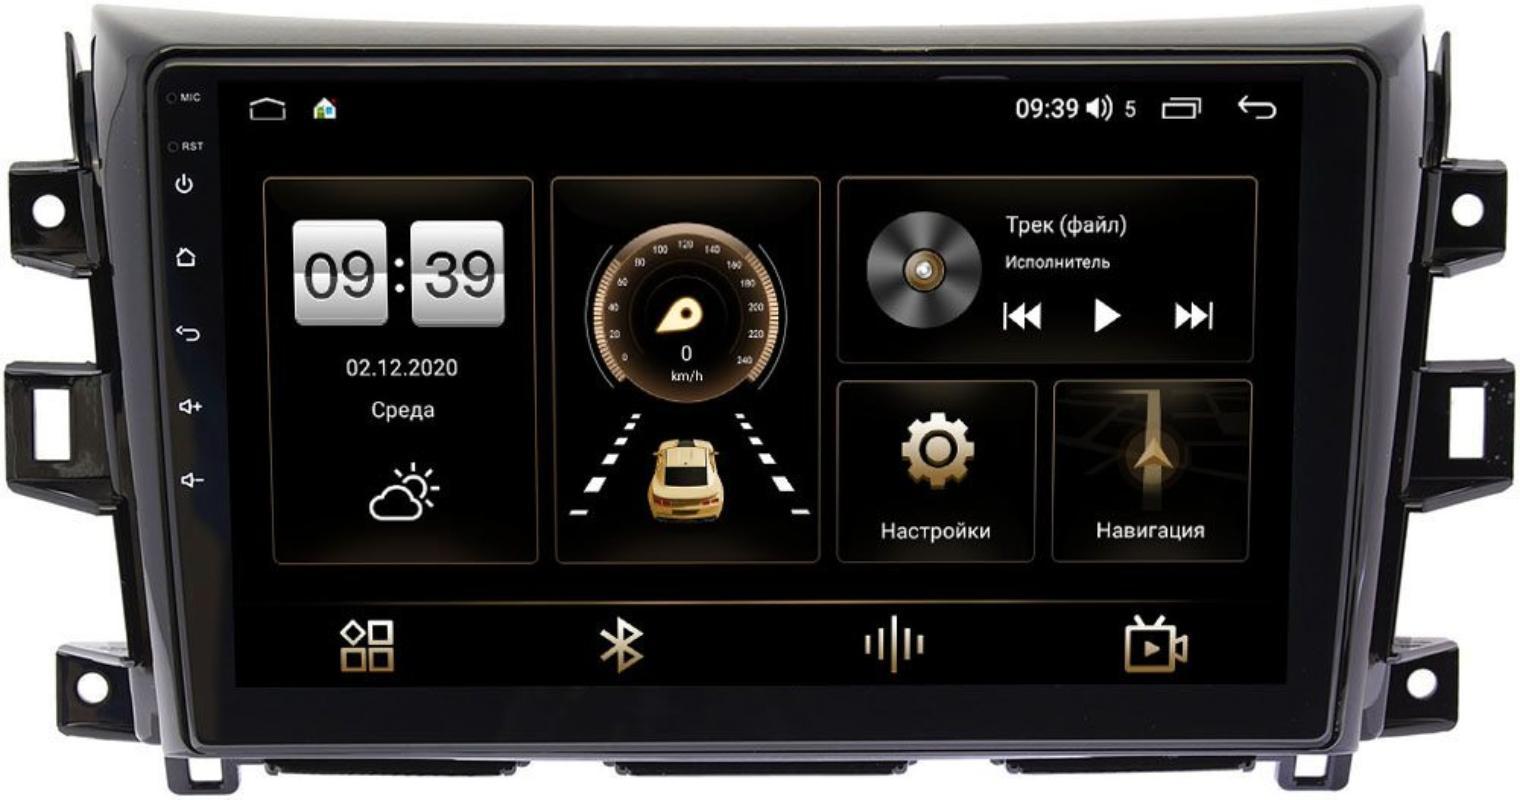 Штатная магнитола LeTrun 4165-10-1116 для Nissan Navara (Frontier) IV (D23) 2014-2021 на Android 10 (4G-SIM, 3/32, DSP, QLed) (+ Камера заднего вида в подарок!)